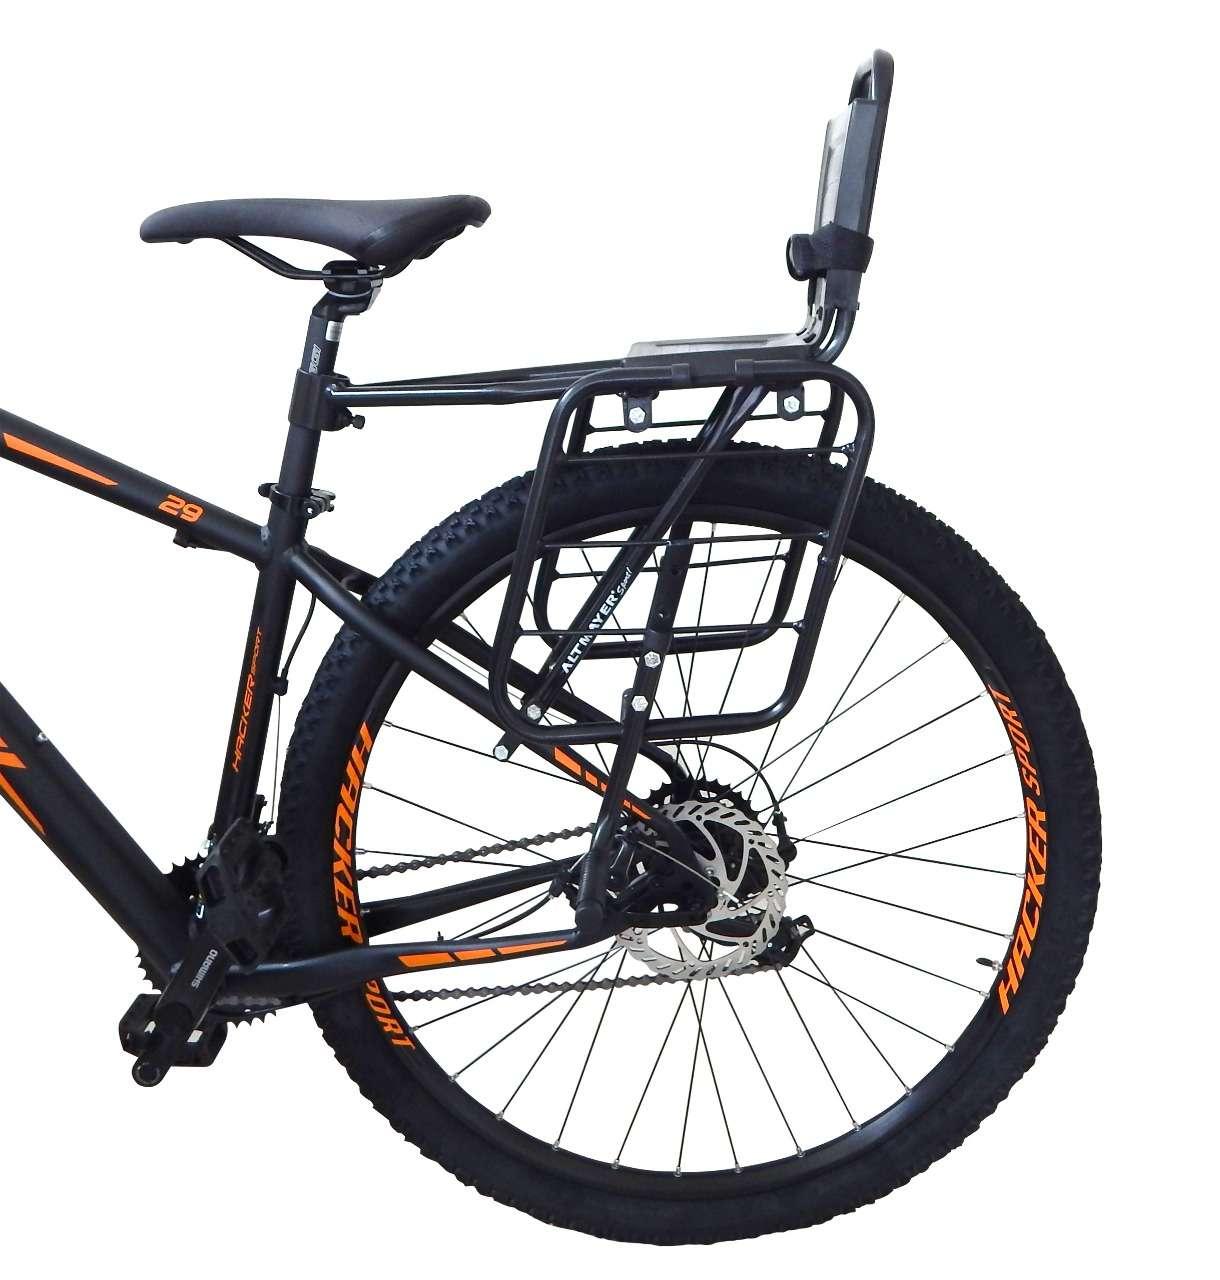 Cadeirinha Bicicleta Infantil Com Bagageiro Acoplado TOP Al-324